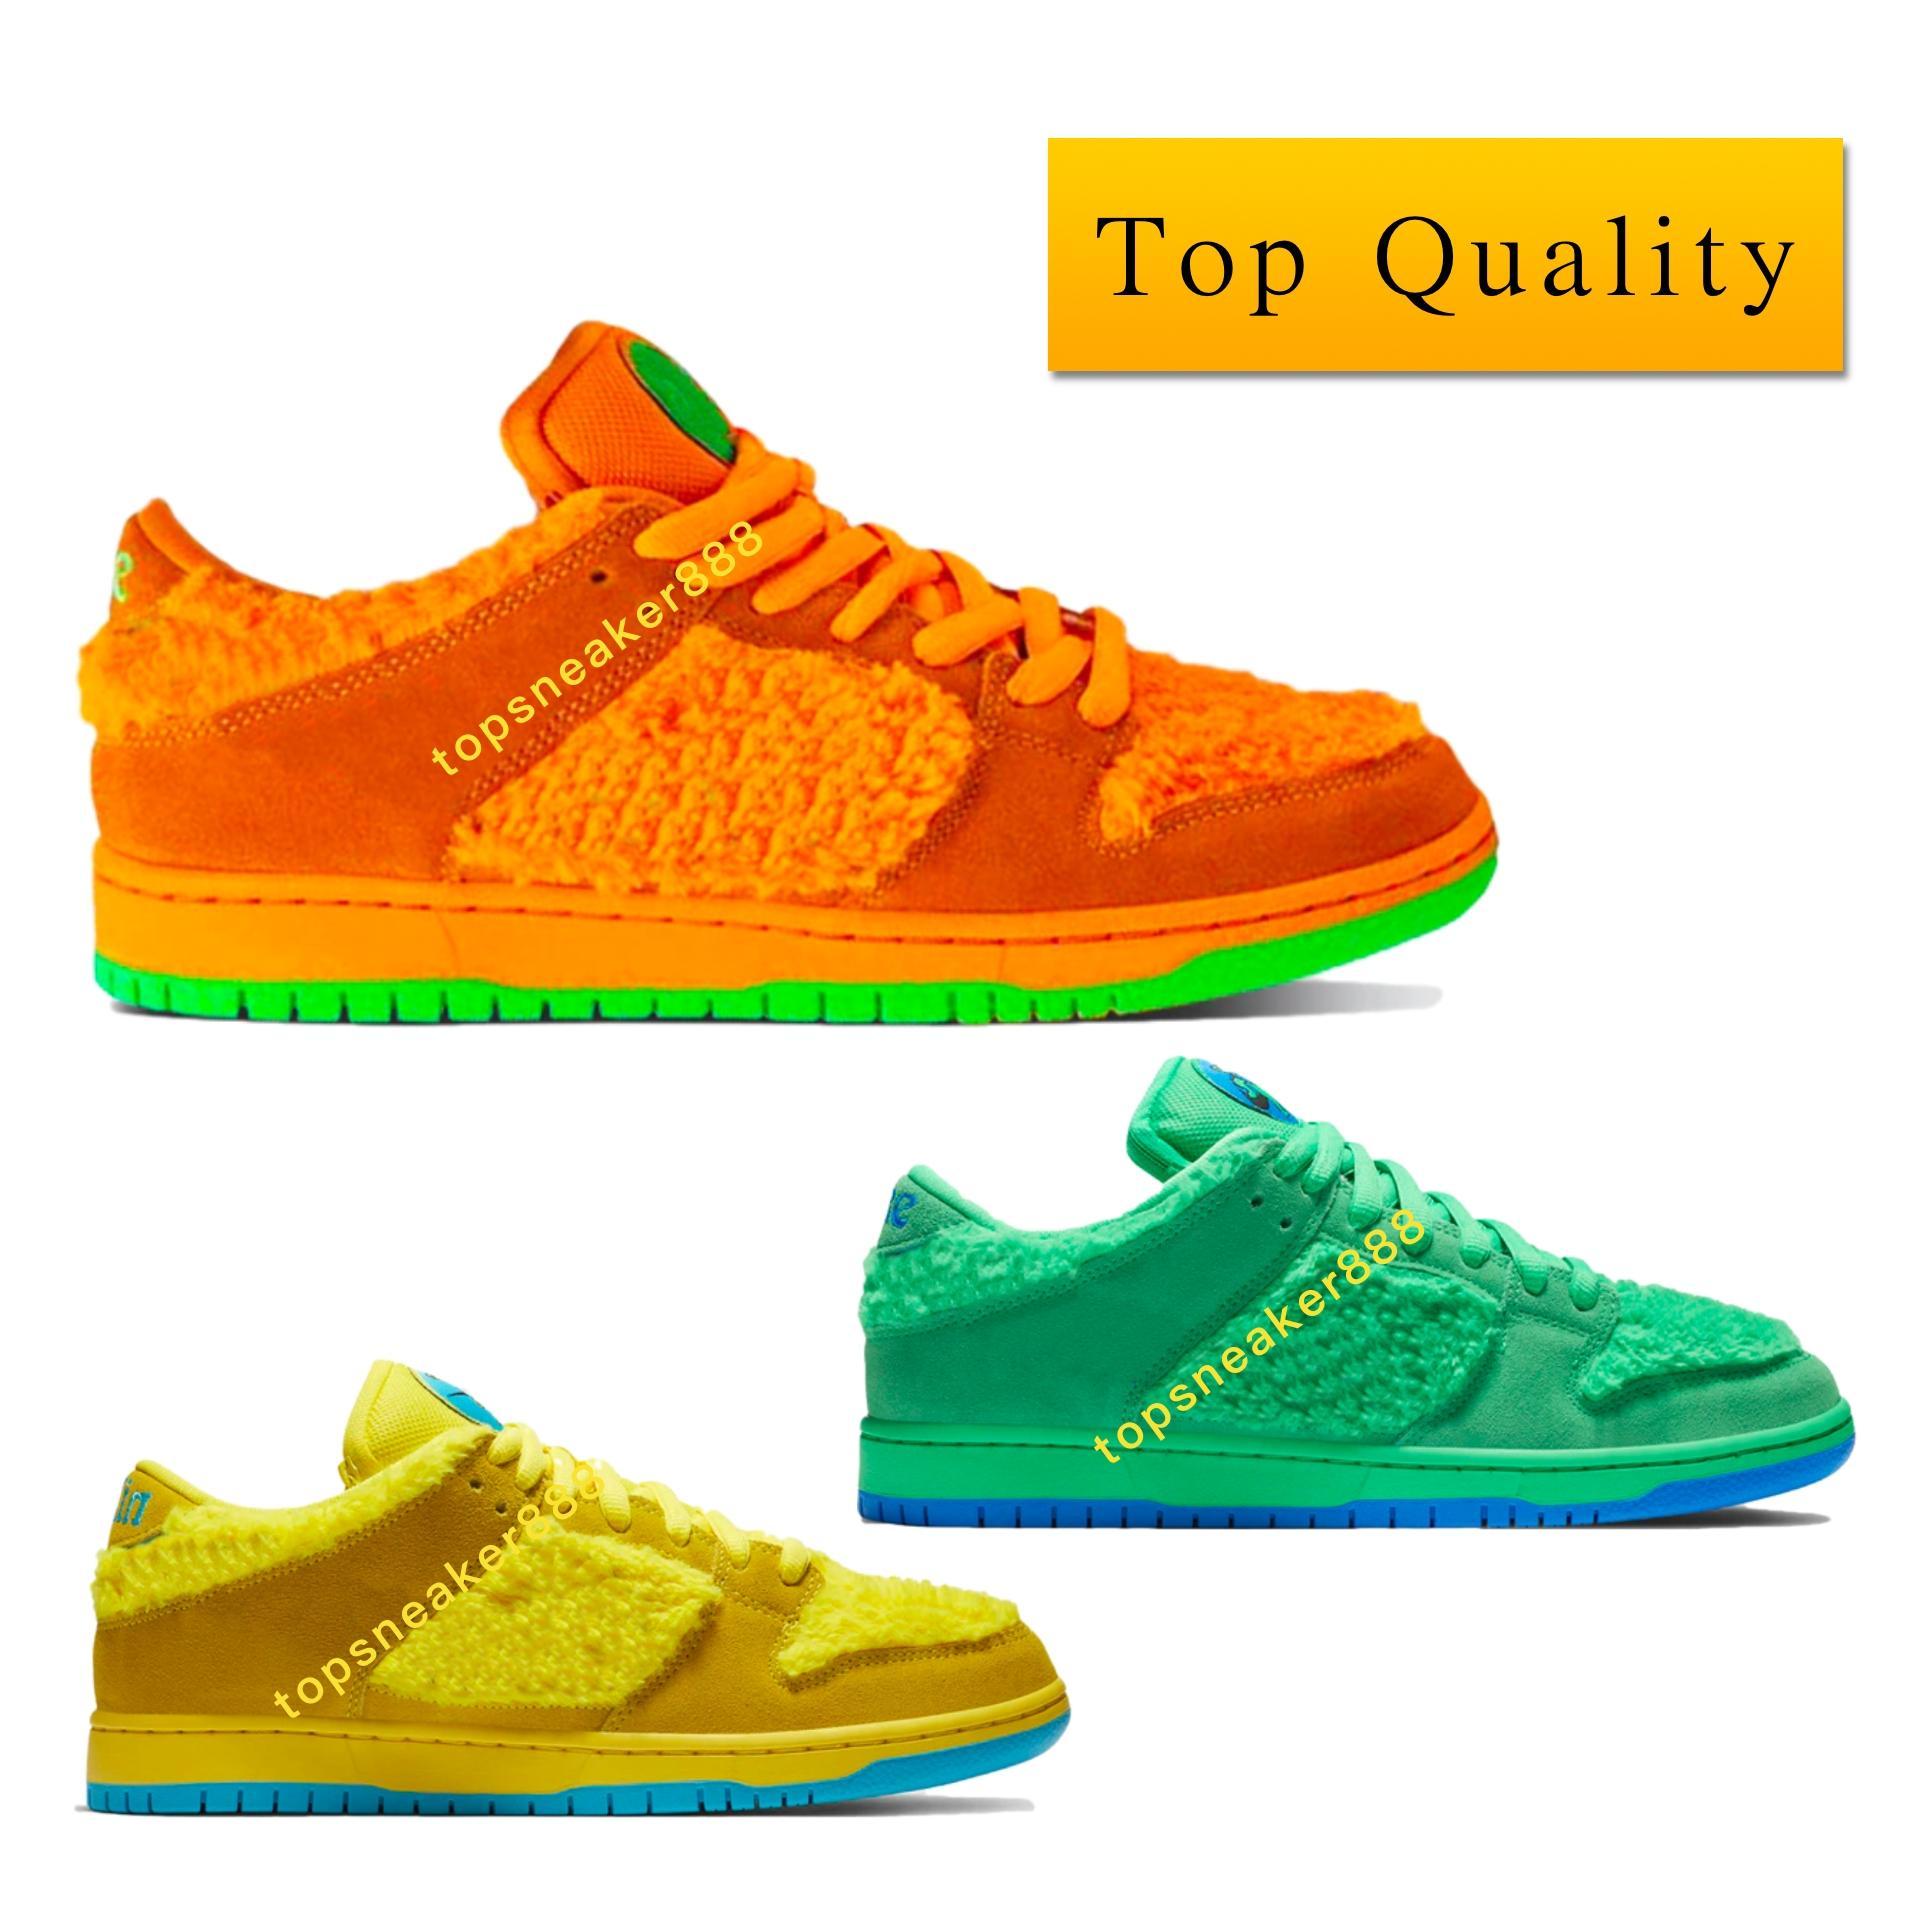 Mit Box 2020 Fashion Gelb Orange Grün Top-Qualität SB Dunk Low Grateful Dead Bears Orange Green Yellow sb dunk luxury designer shoes Schuh-Größe 36-46